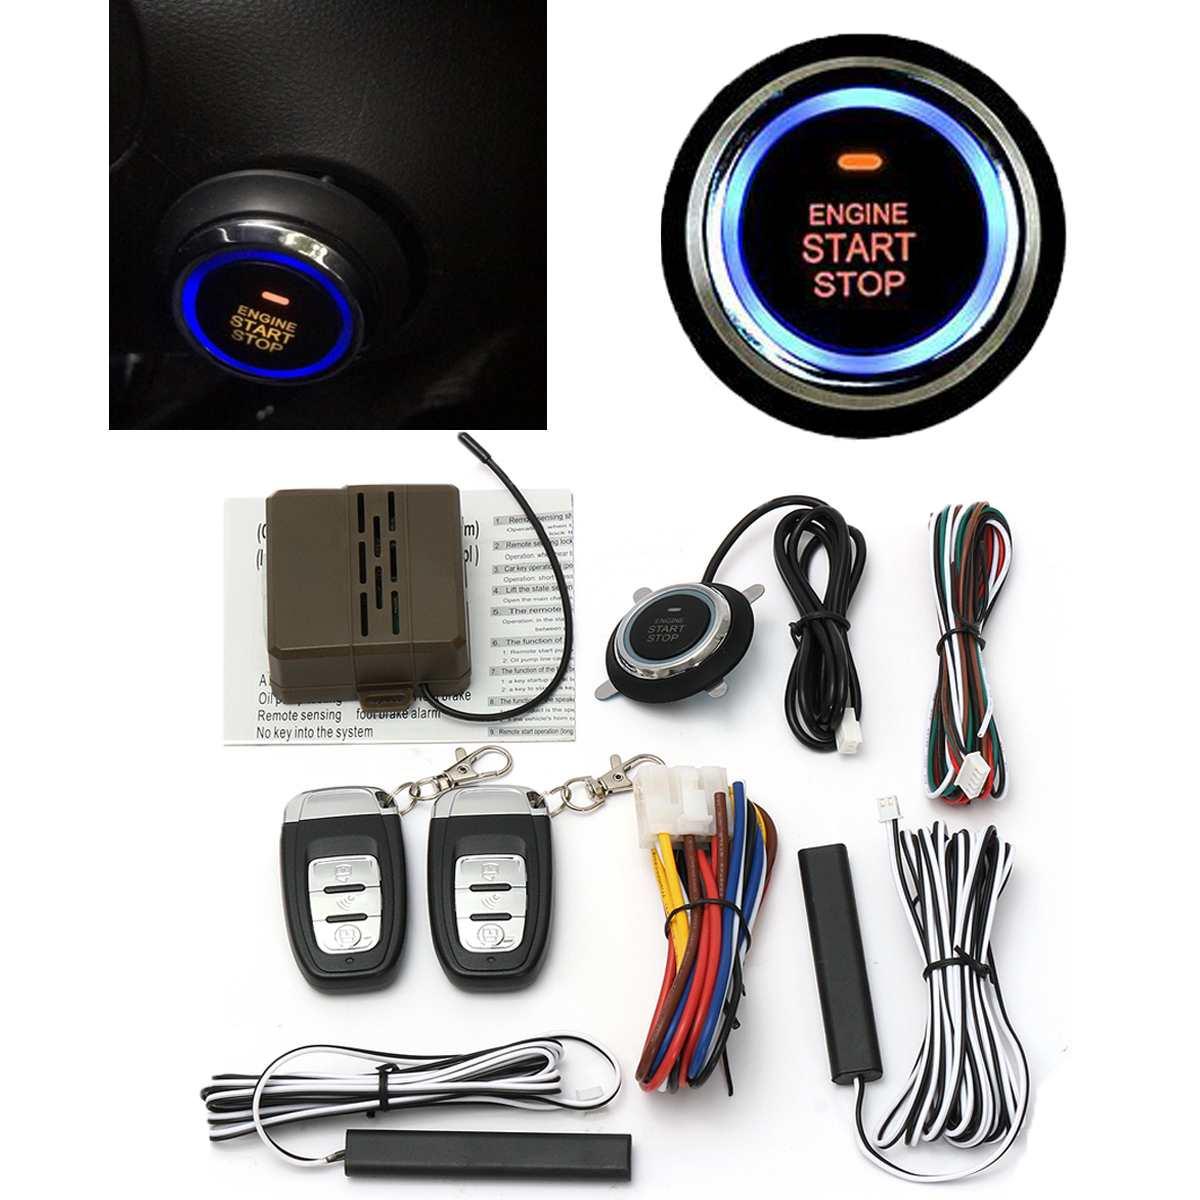 KROAK alarme de voiture SUV sans clé entrée moteur à distance démarrage système d'alarme bouton poussoir démarreur à distance arrêt Auto voiture accessoires de sécurité - 6